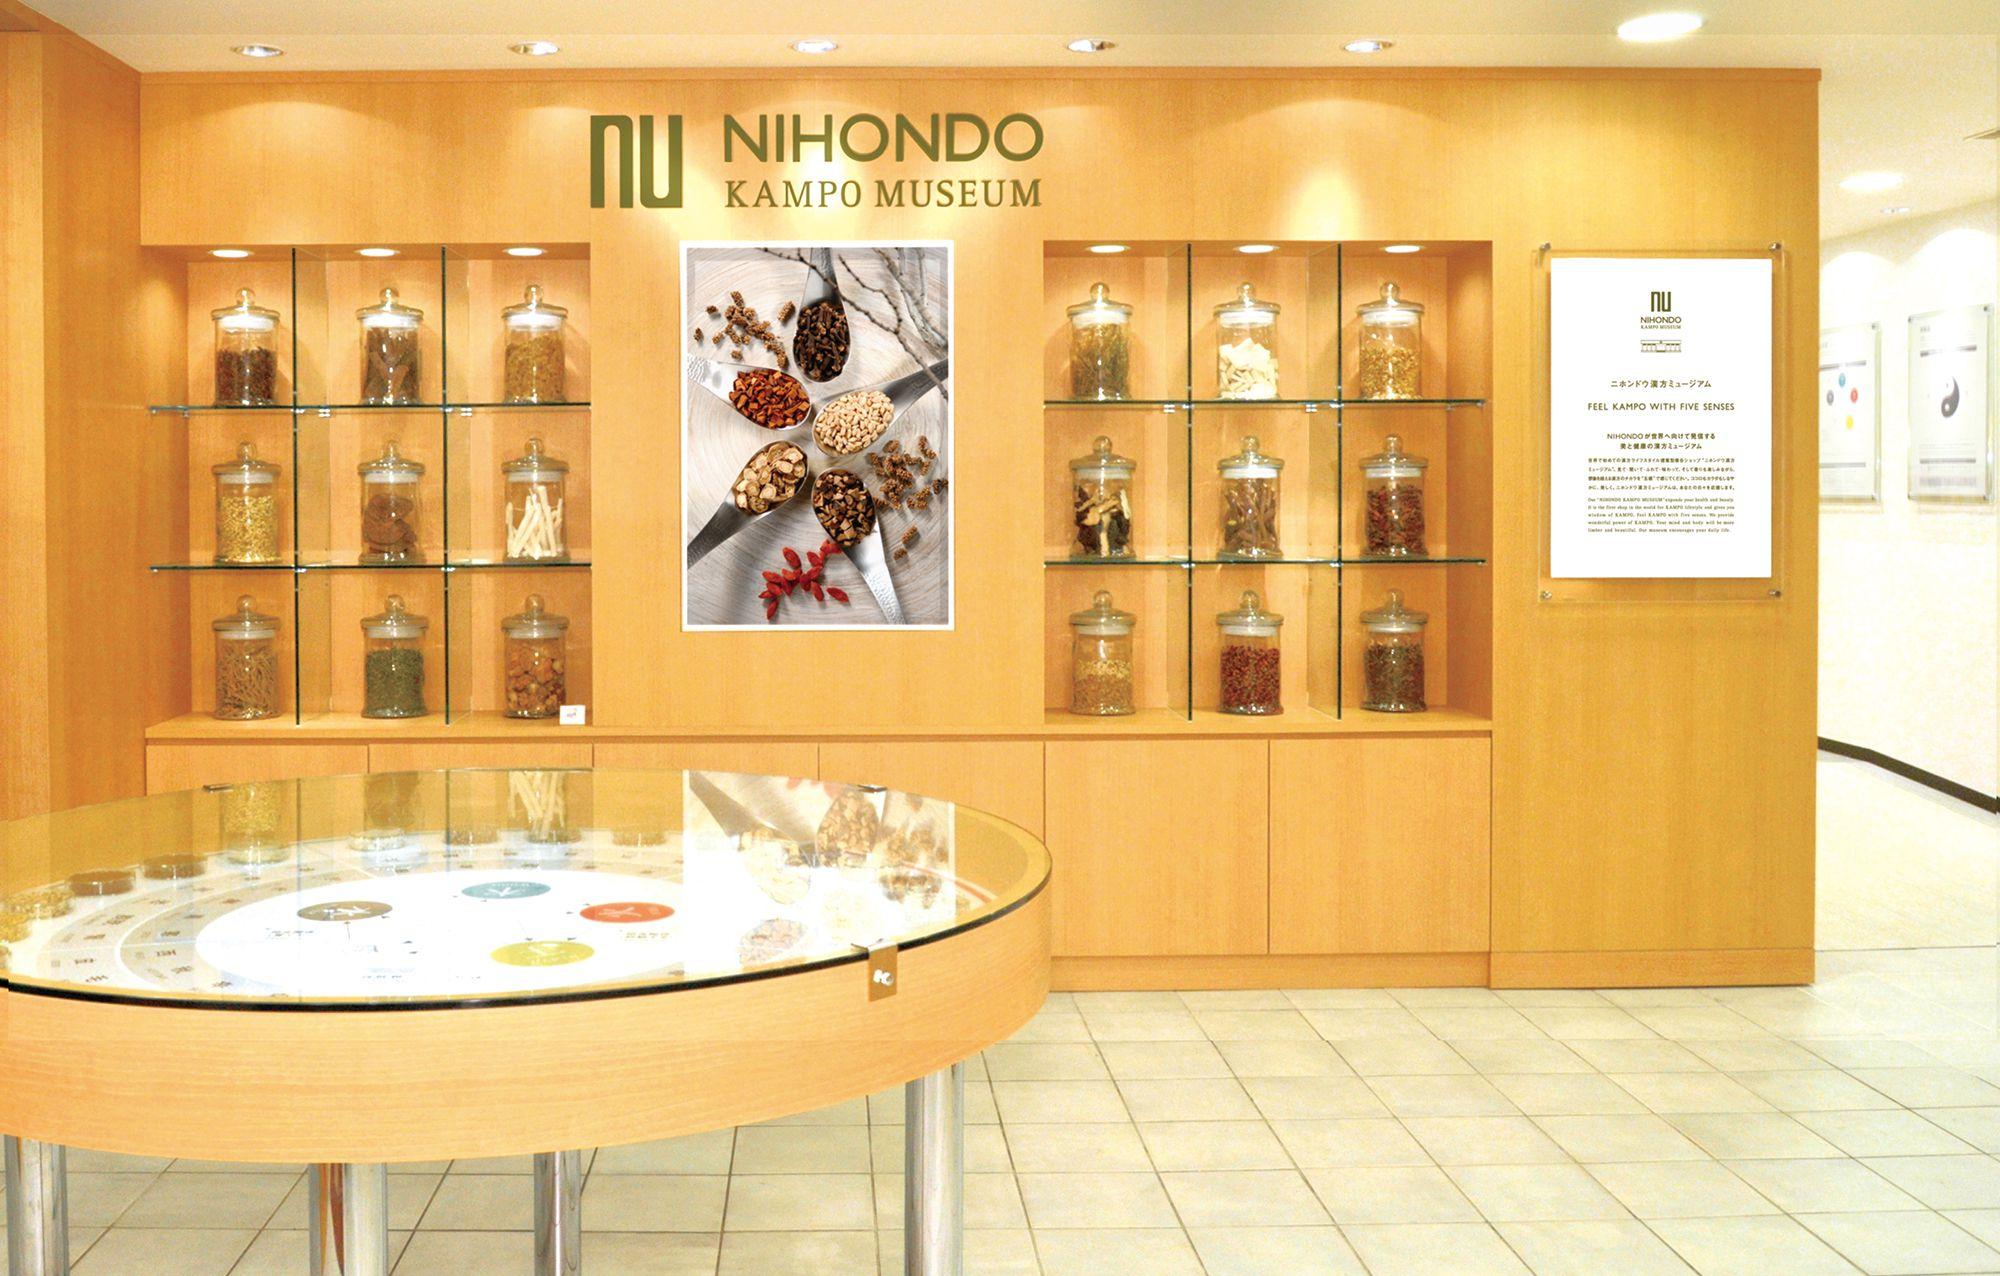 和漢植物見本が並ぶ「ニホンドウ漢方ミュージアム」、漢方ギャラリーの入り口